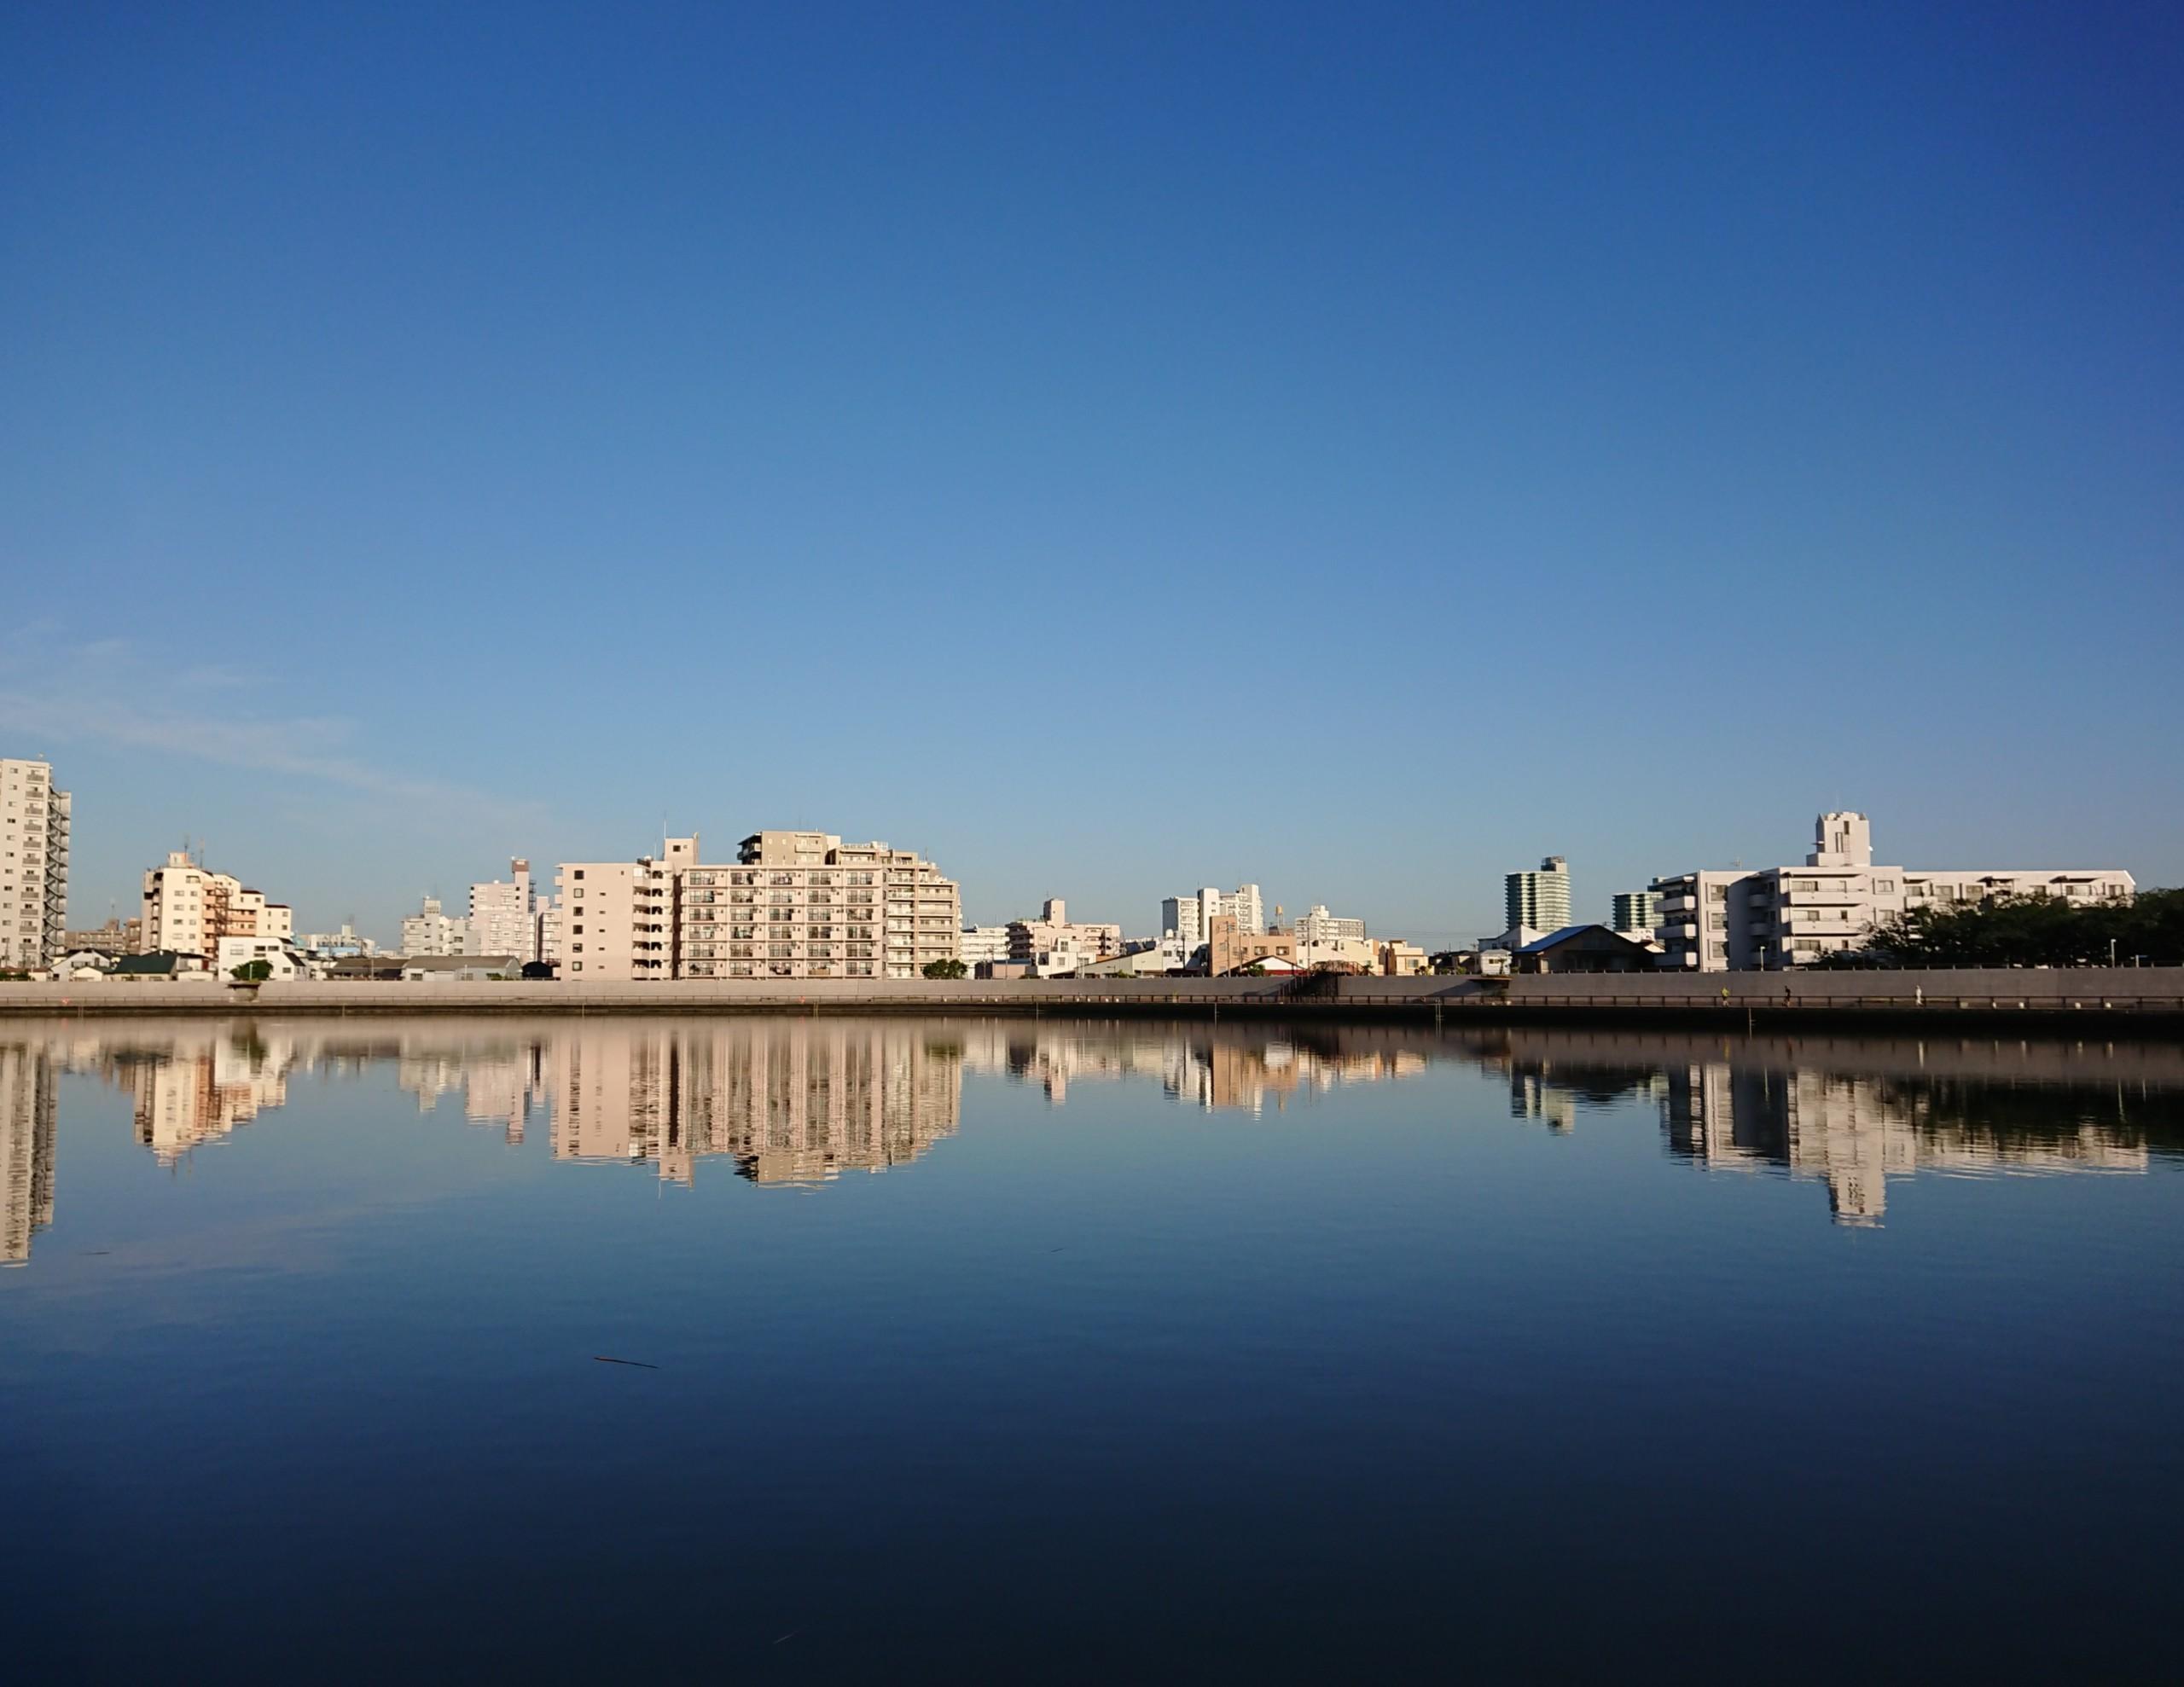 【葛飾】中川奥戸展望デッキから中川のおすすめお散歩コースを歩く。